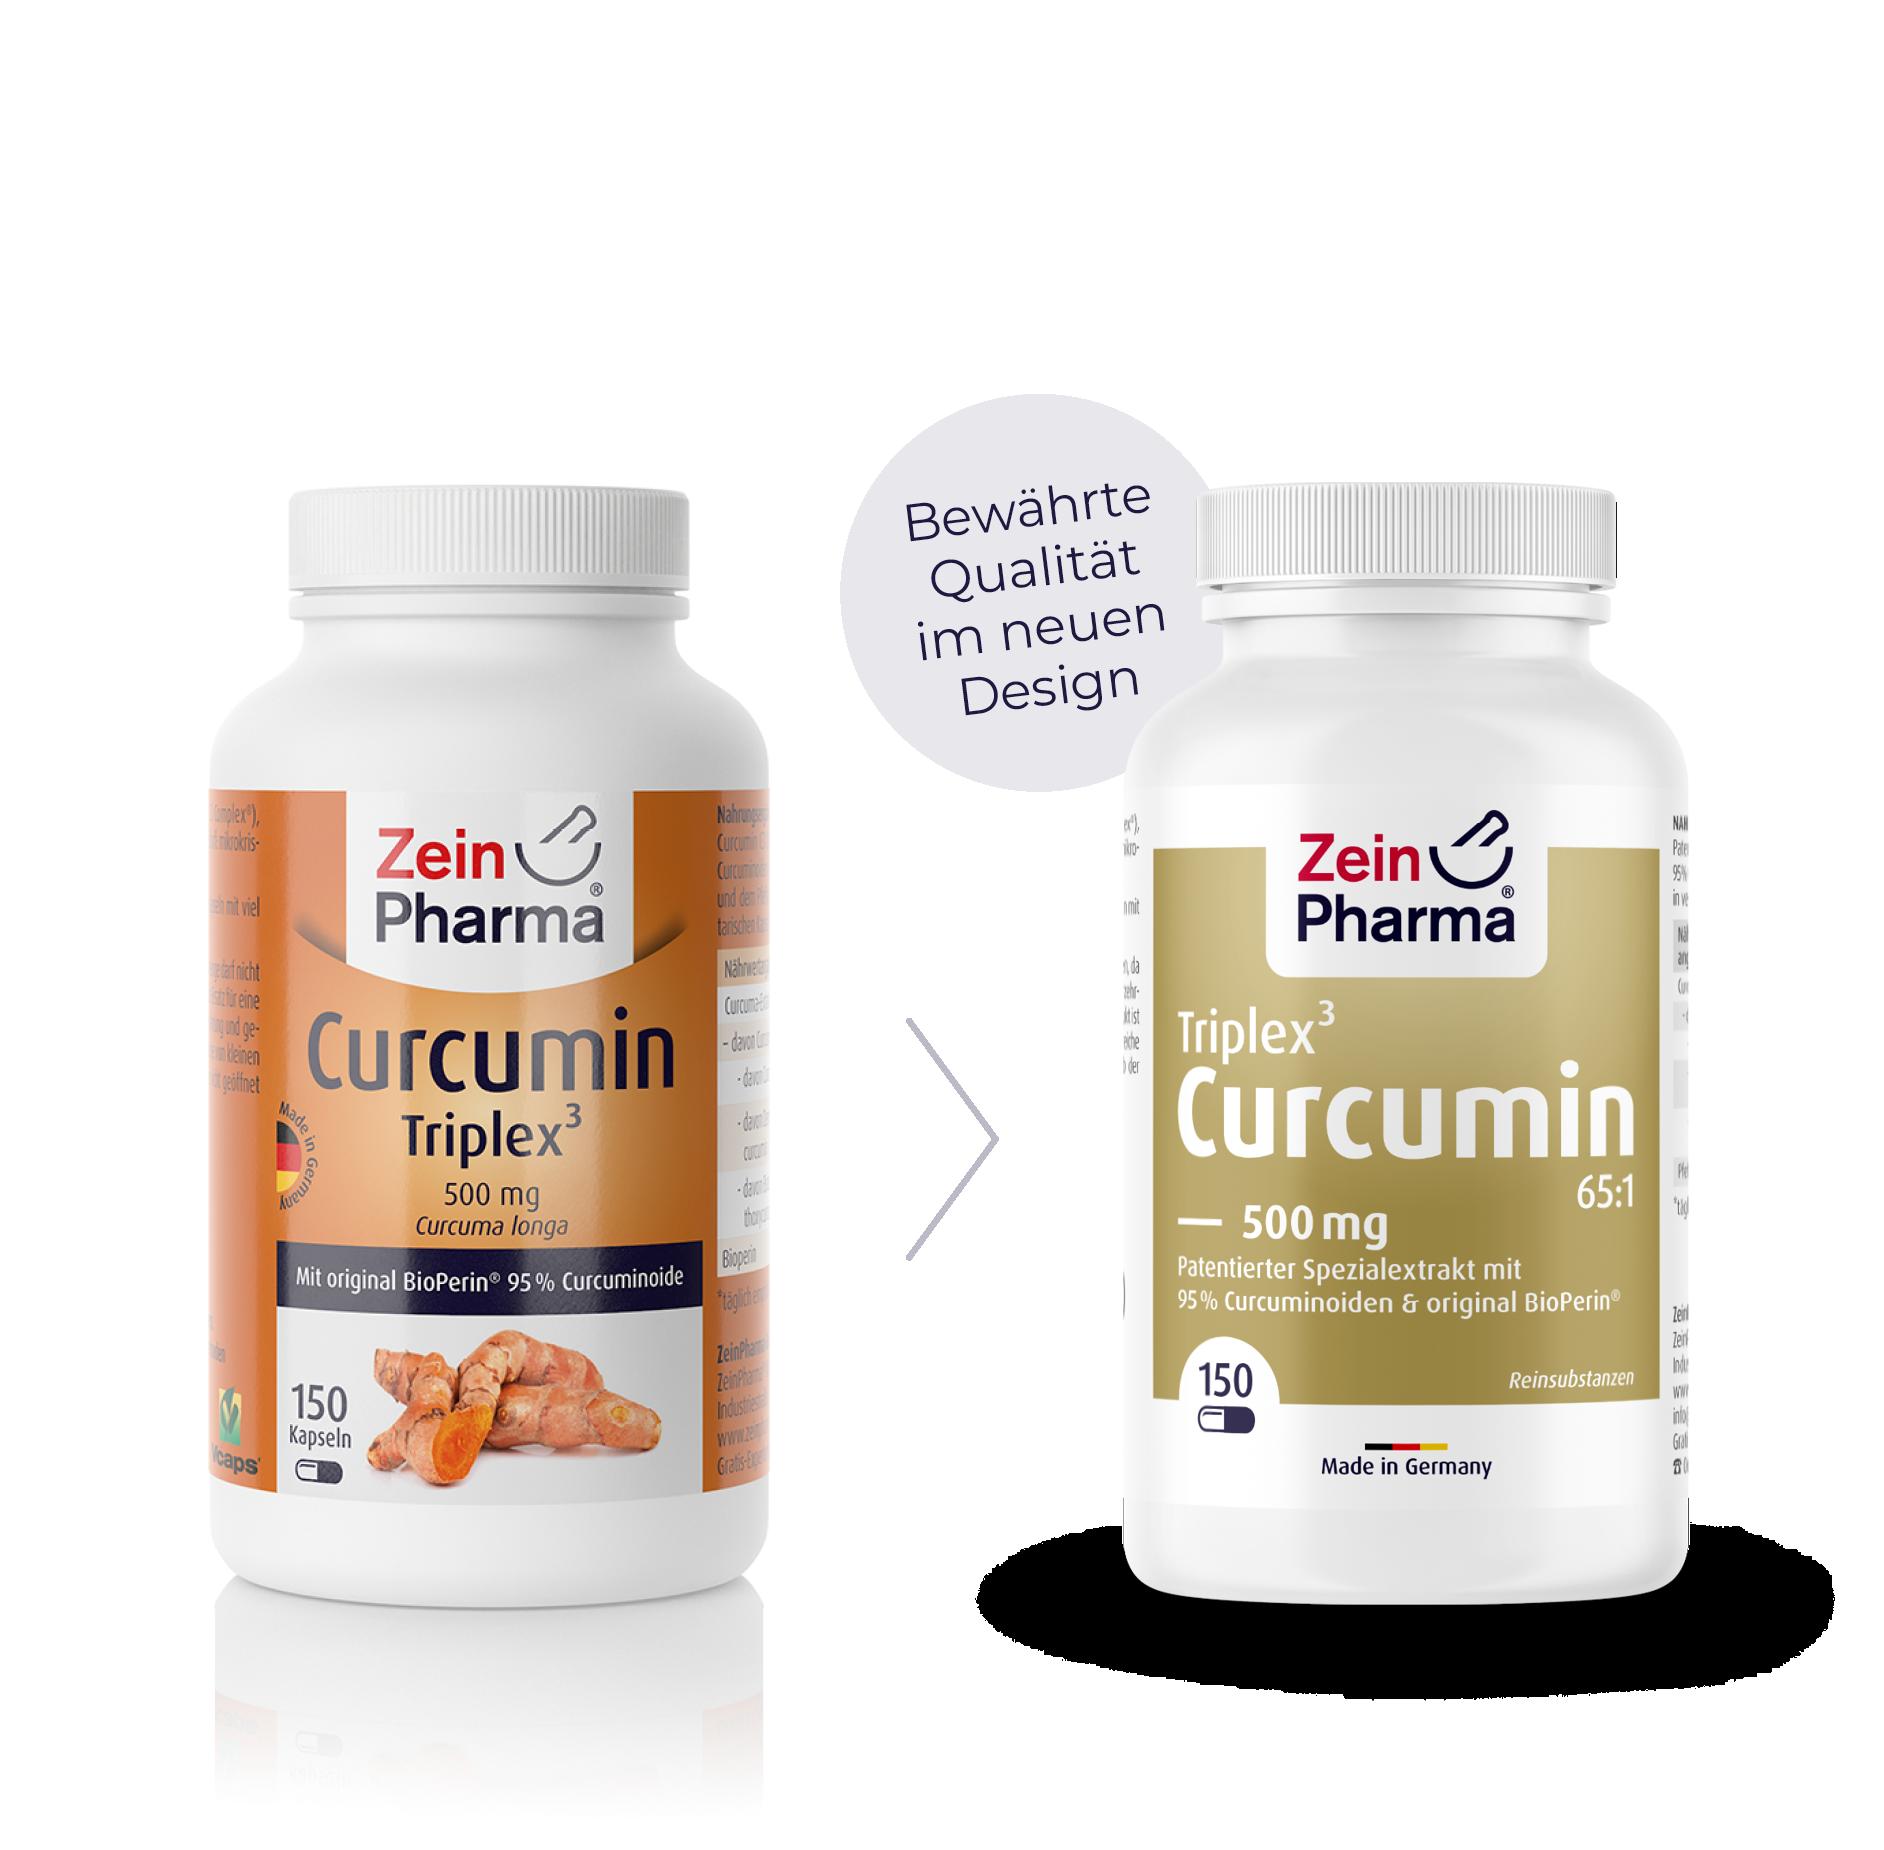 Curcumin-Triplex³ Kapseln